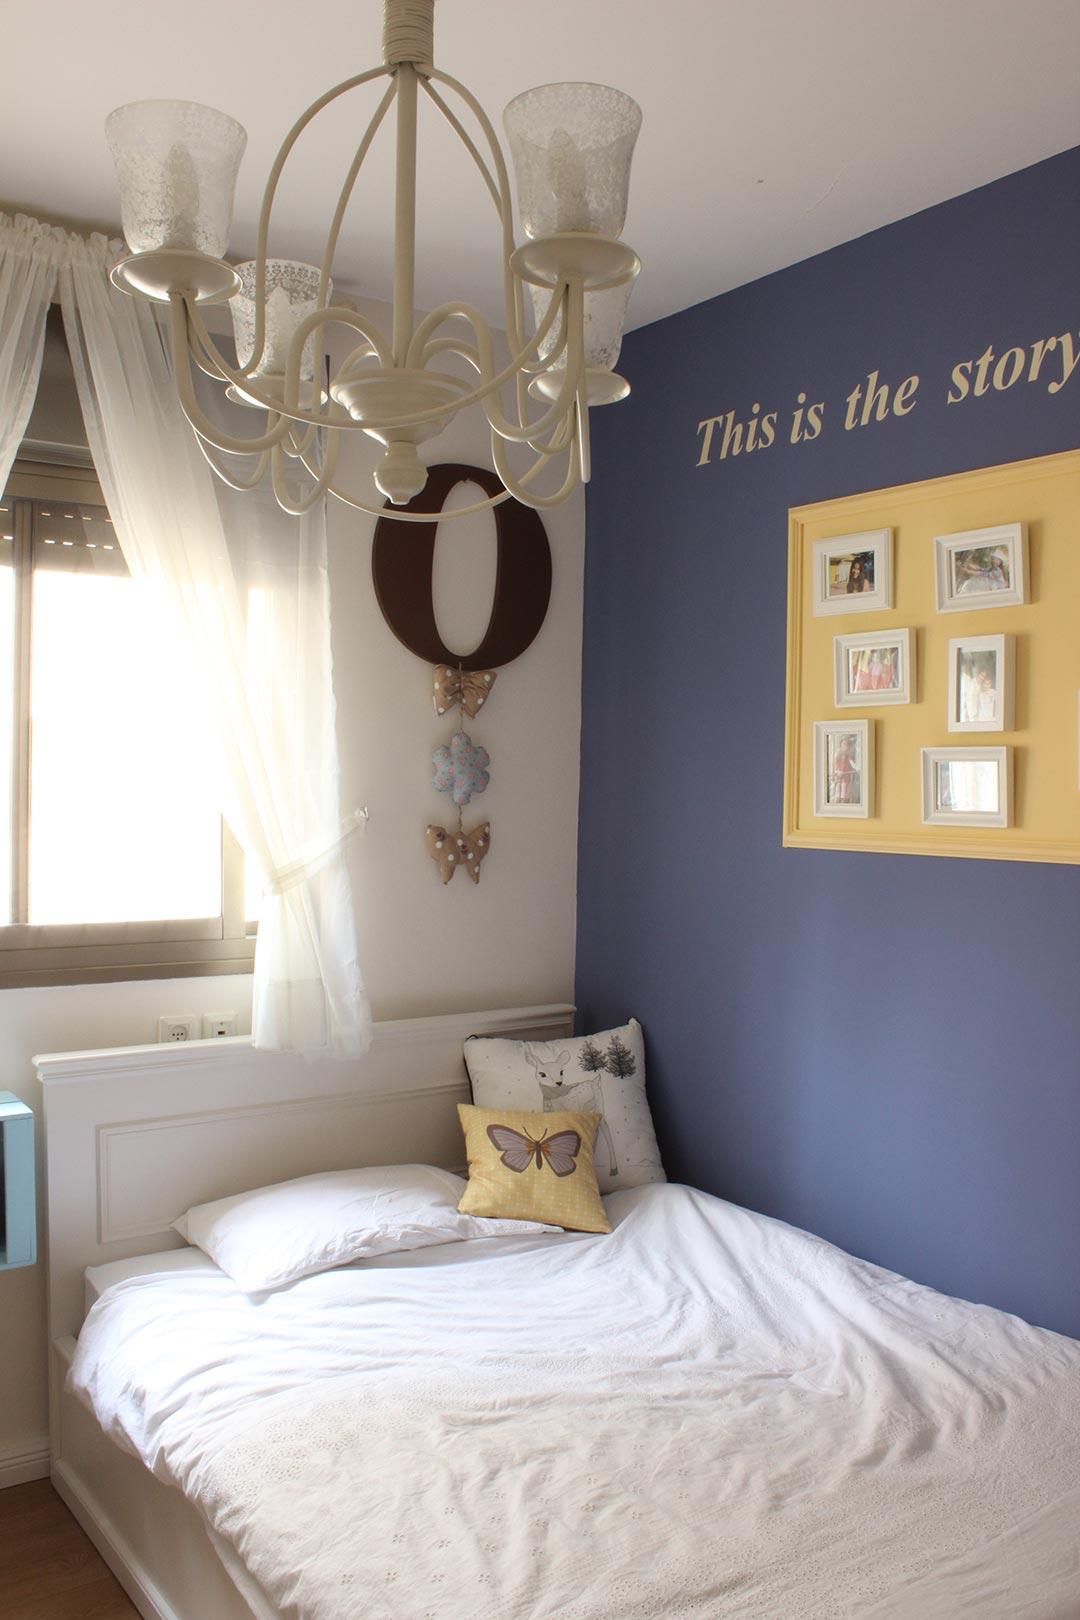 רוית רוד - עיצוב והלבשת הבית